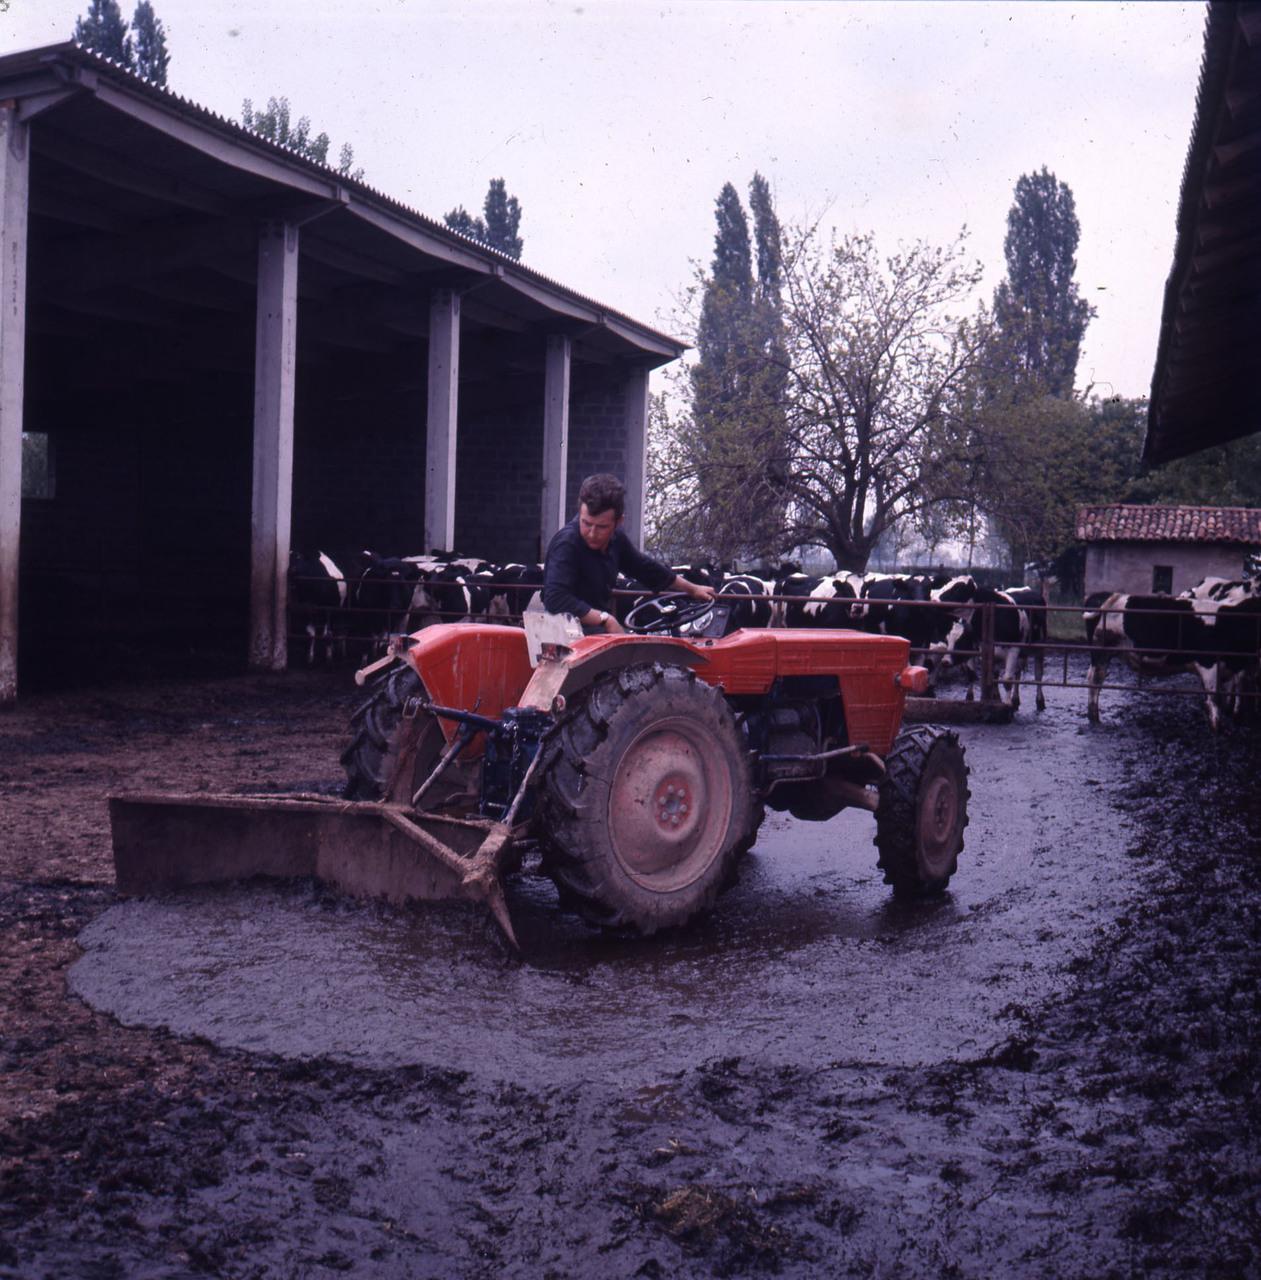 [SAME] trattore Delfino al lavoro in azienda agricola